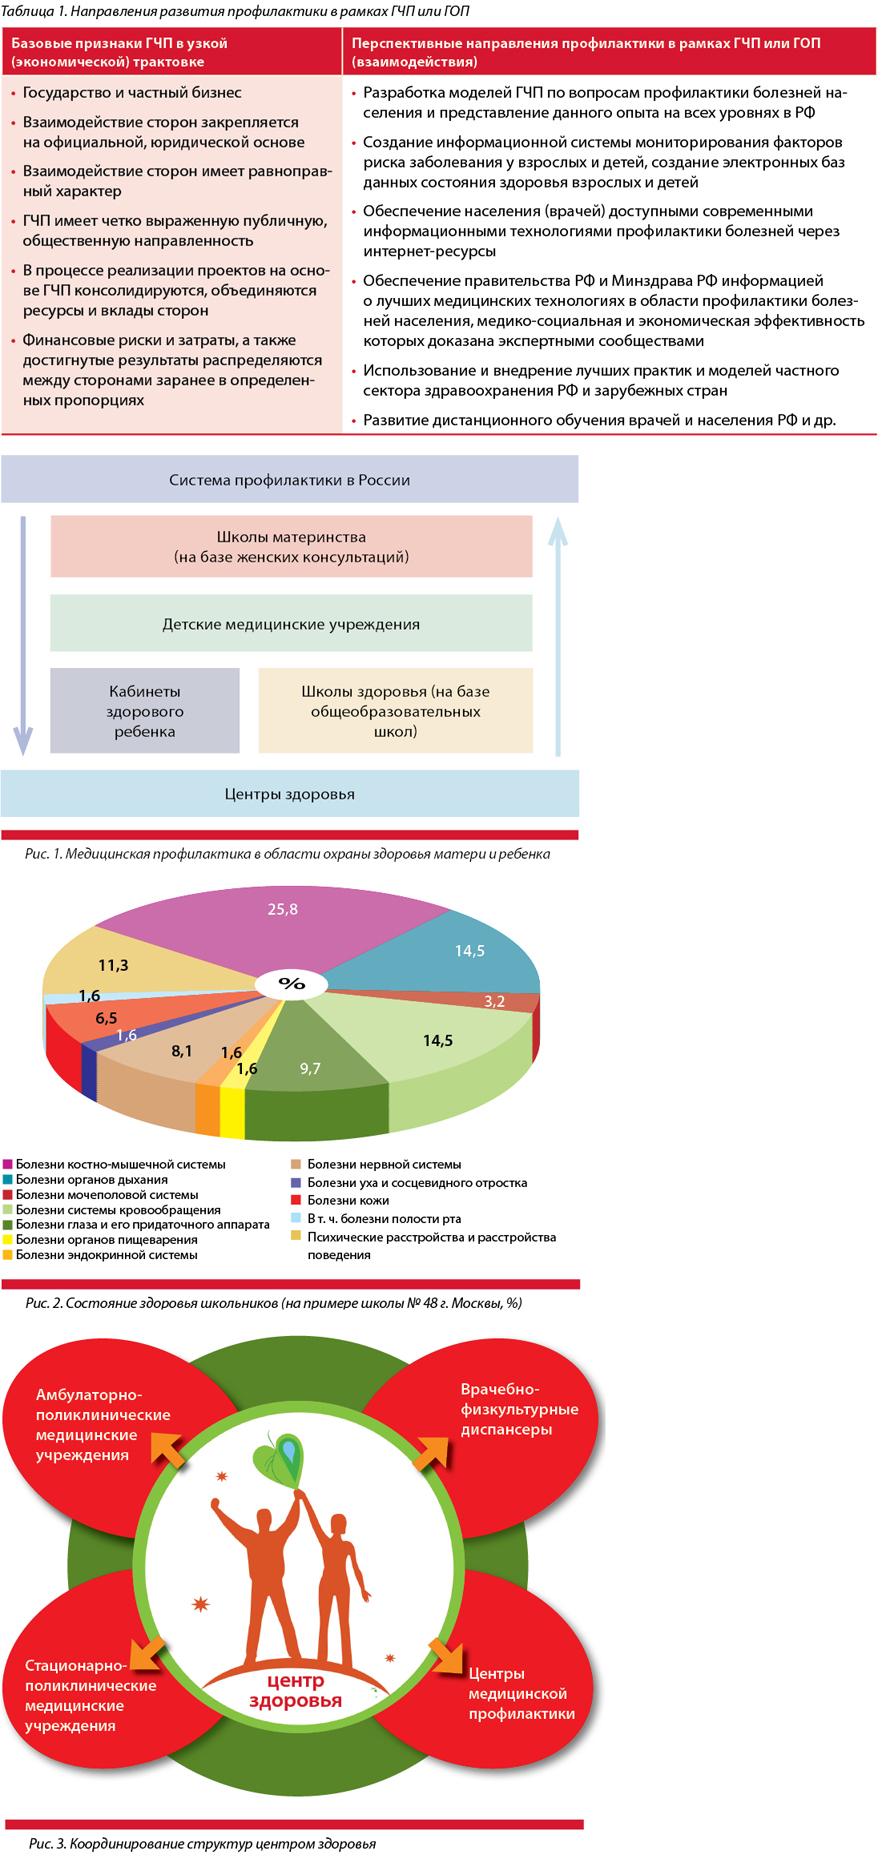 Курсовая роль медсестры в планировании семьи Курсовая роль медсестры в планировании семьи файлом